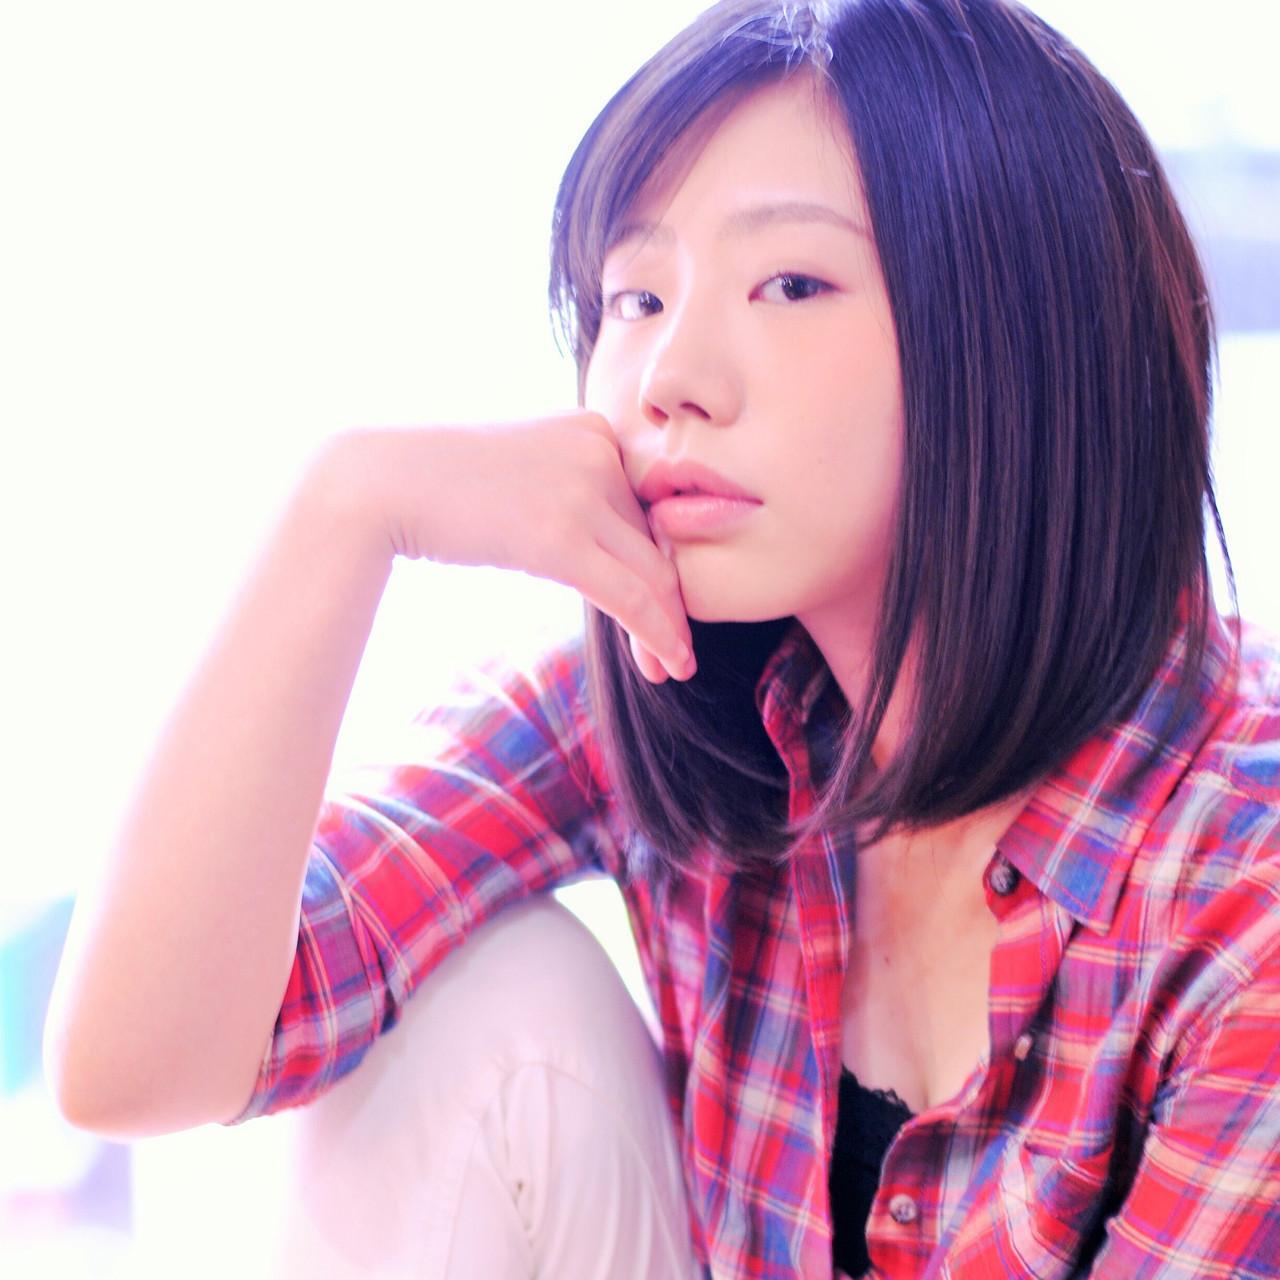 芸能人を参考♡水原希子ちゃん風 鈴木☆之武